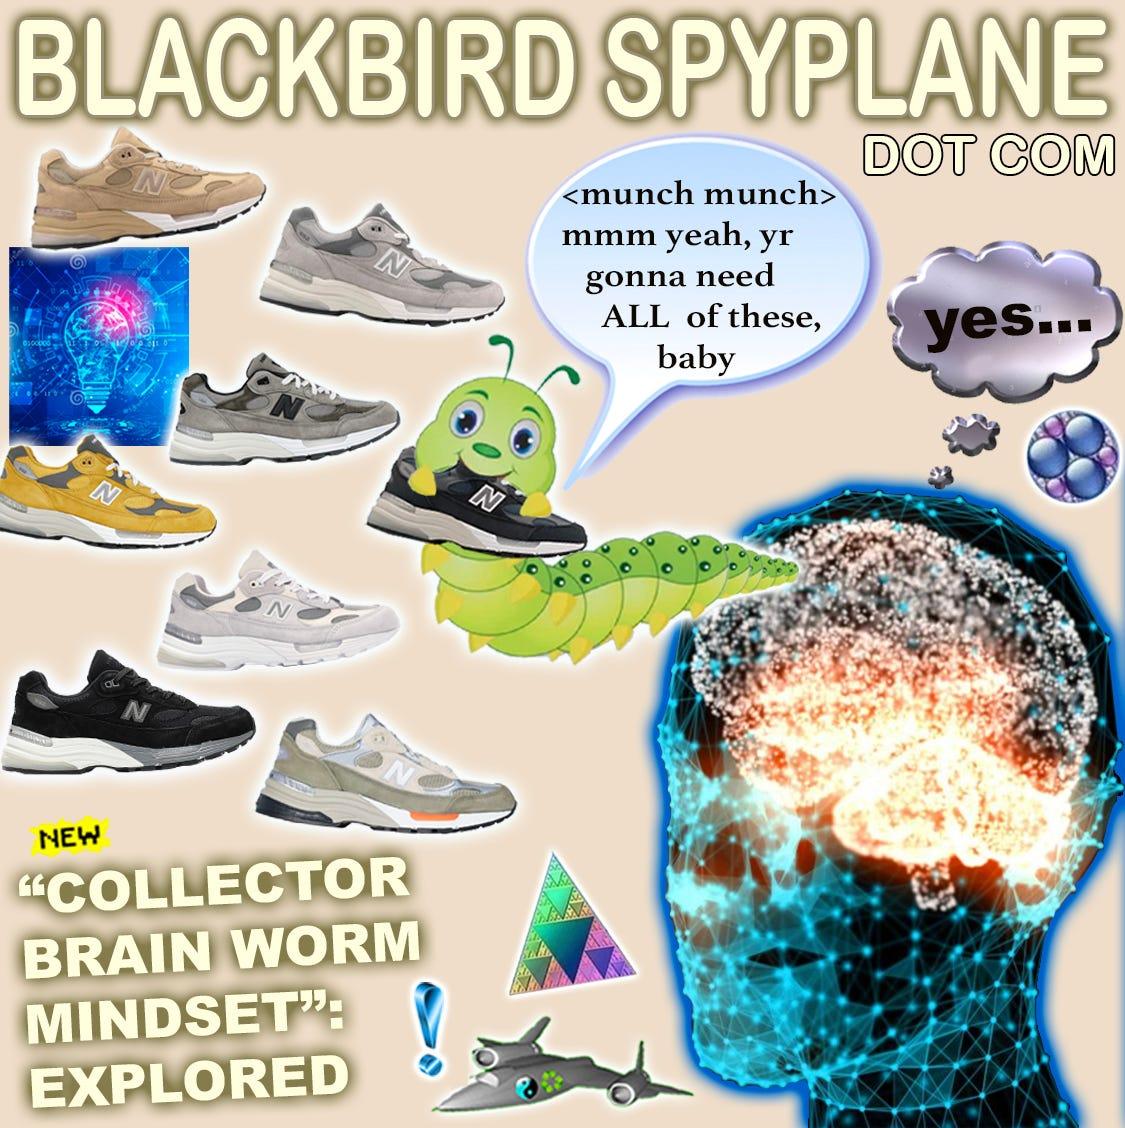 www.blackbirdspyplane.com